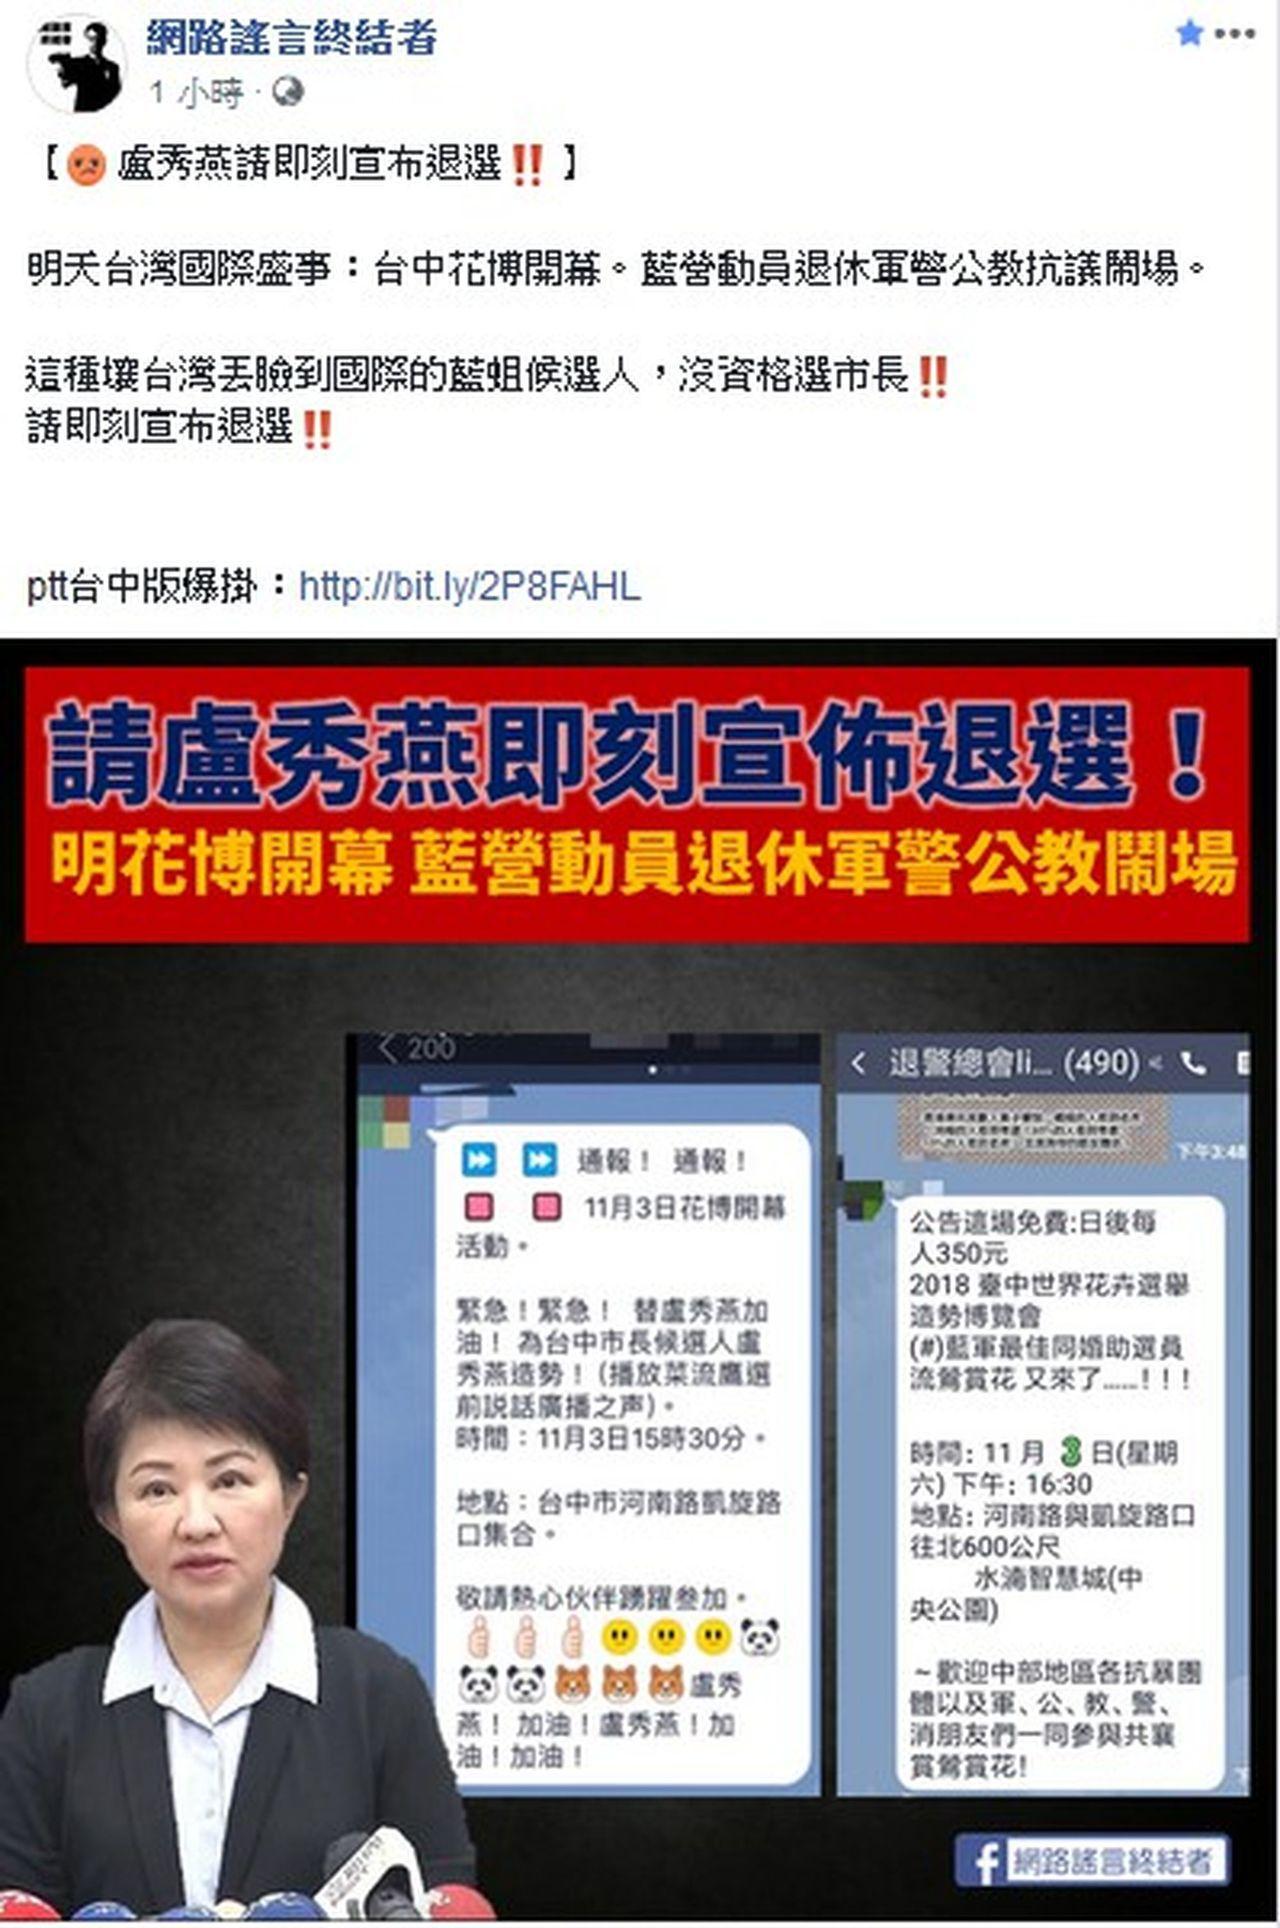 國民黨台中市長候選人盧秀燕今天親上火線,對於昨晚網路假冒她名義的假消息,認為選舉...